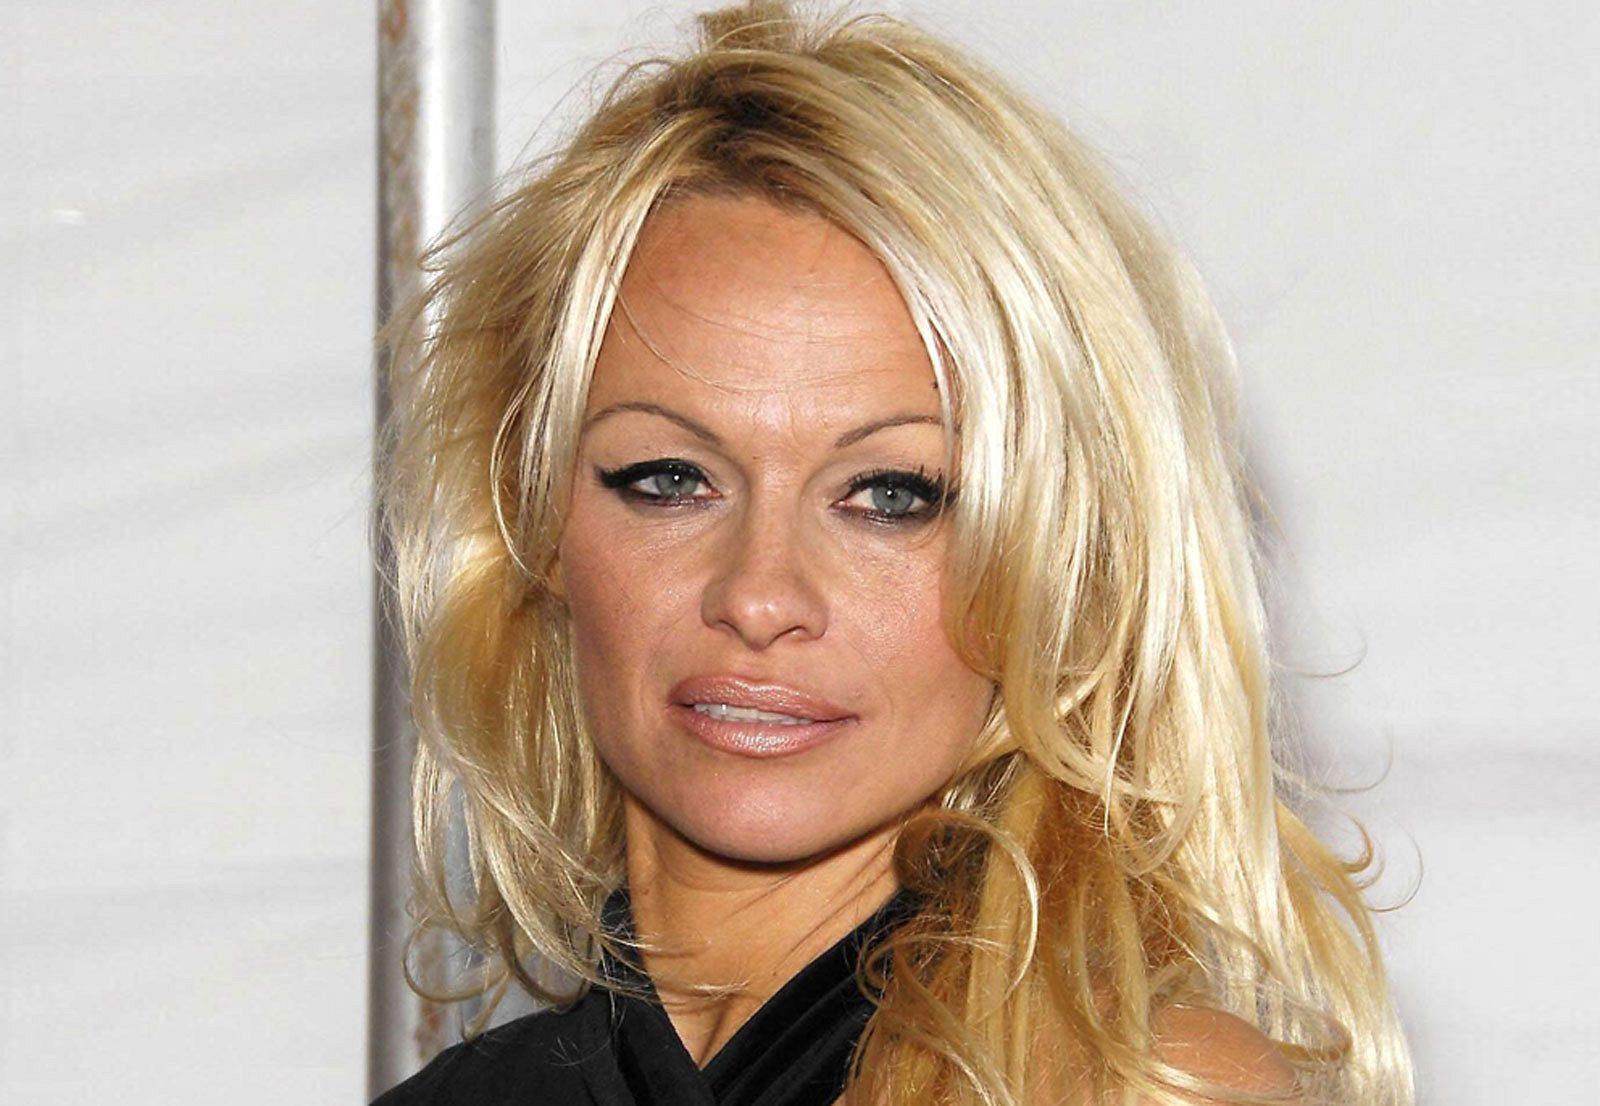 Nackt-Hammer! Pamela Anderson oben ohne